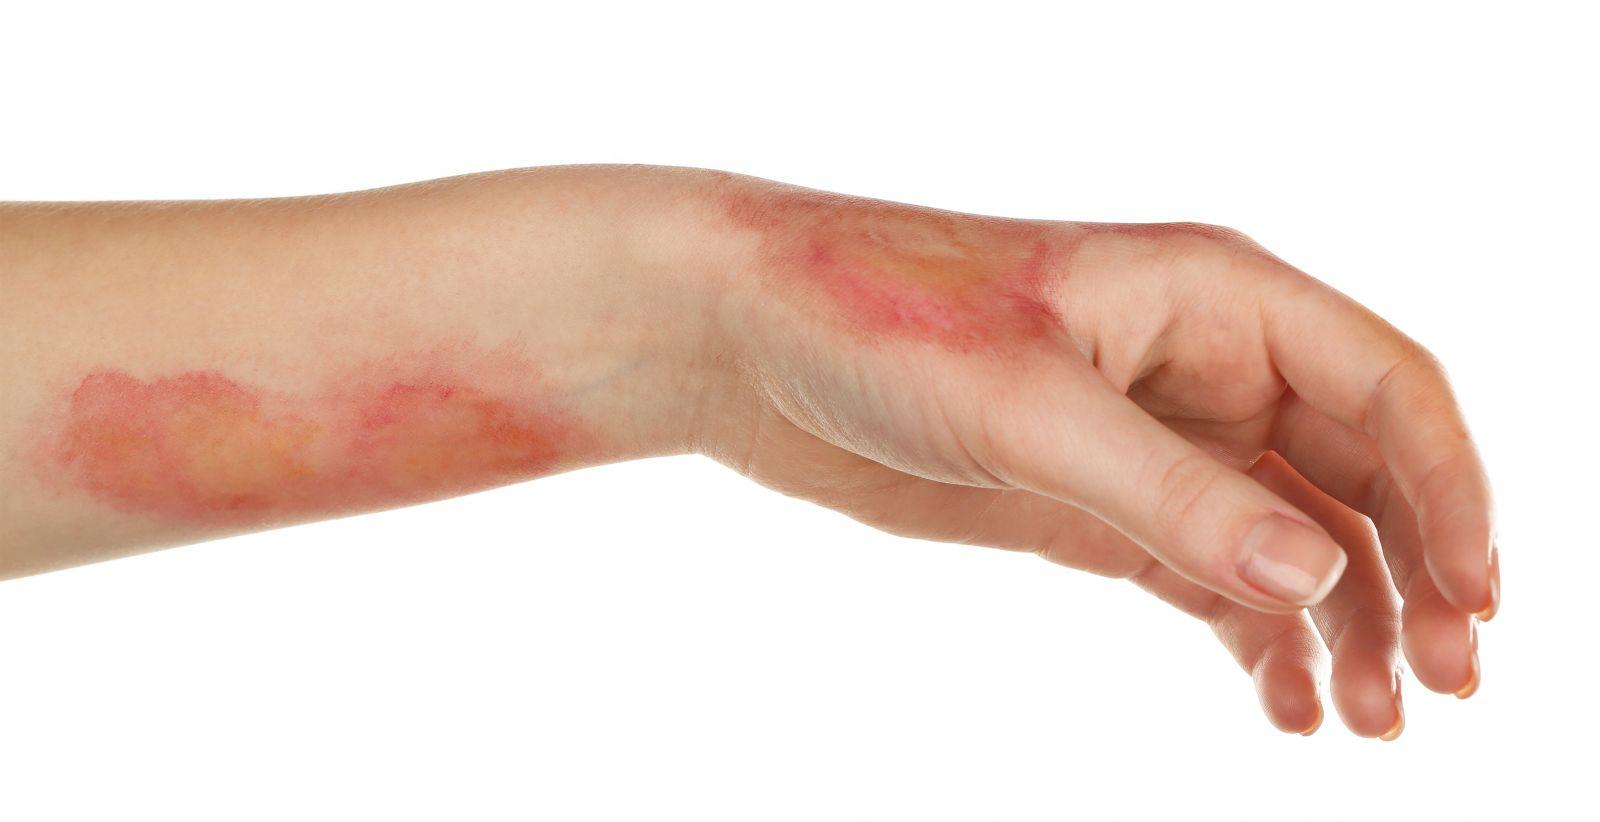 Стволовые клетки можно использовать для лечения ожогов